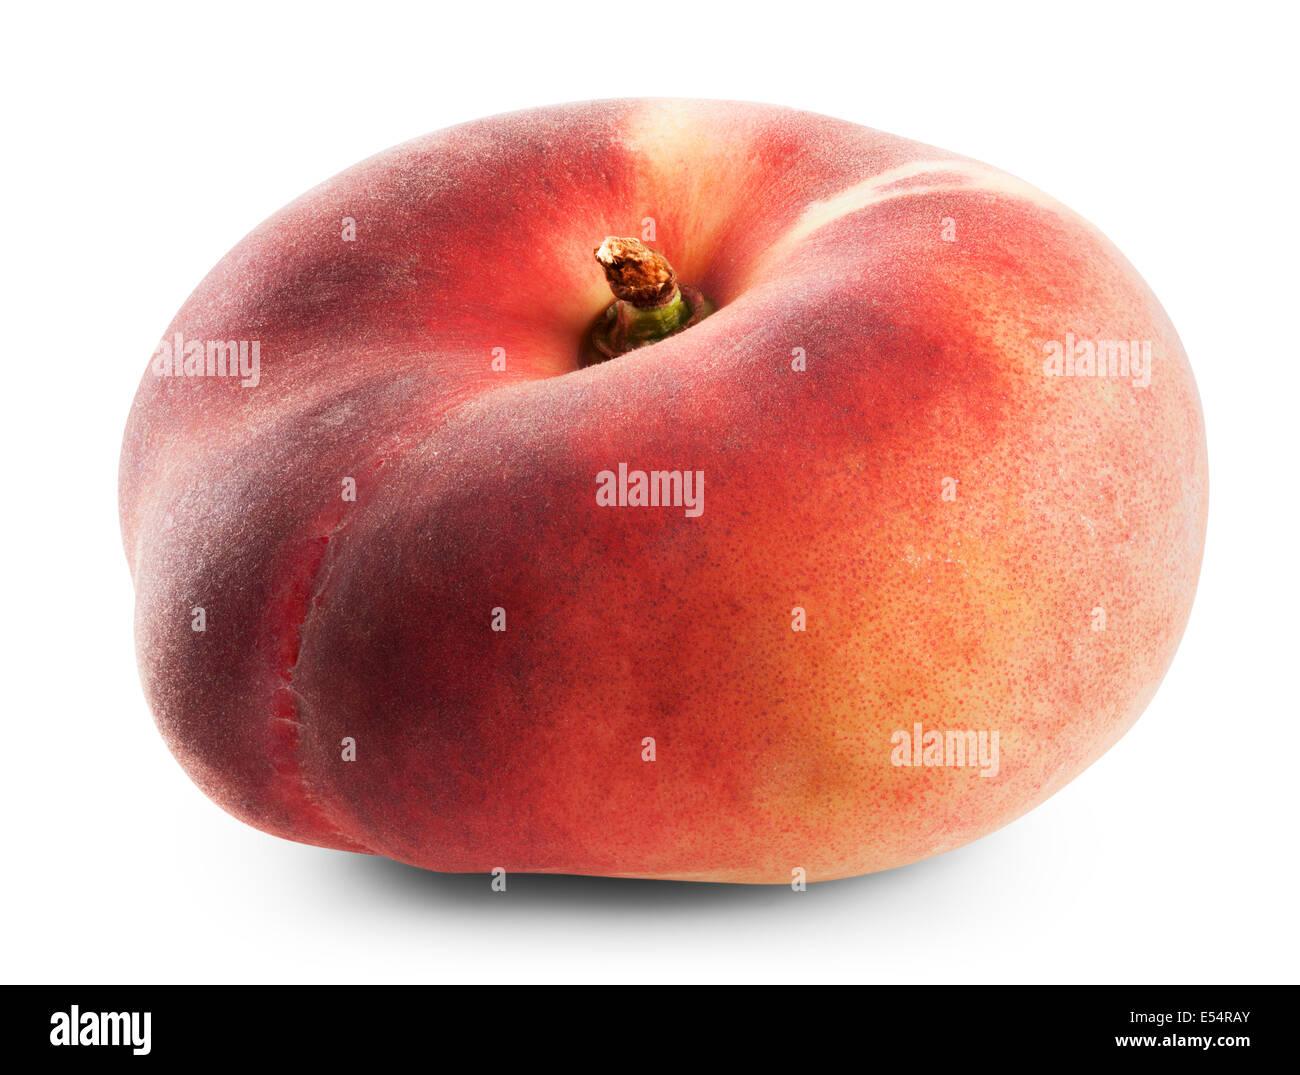 Fig peach sur un fond blanc. Clipping Path Photo Stock